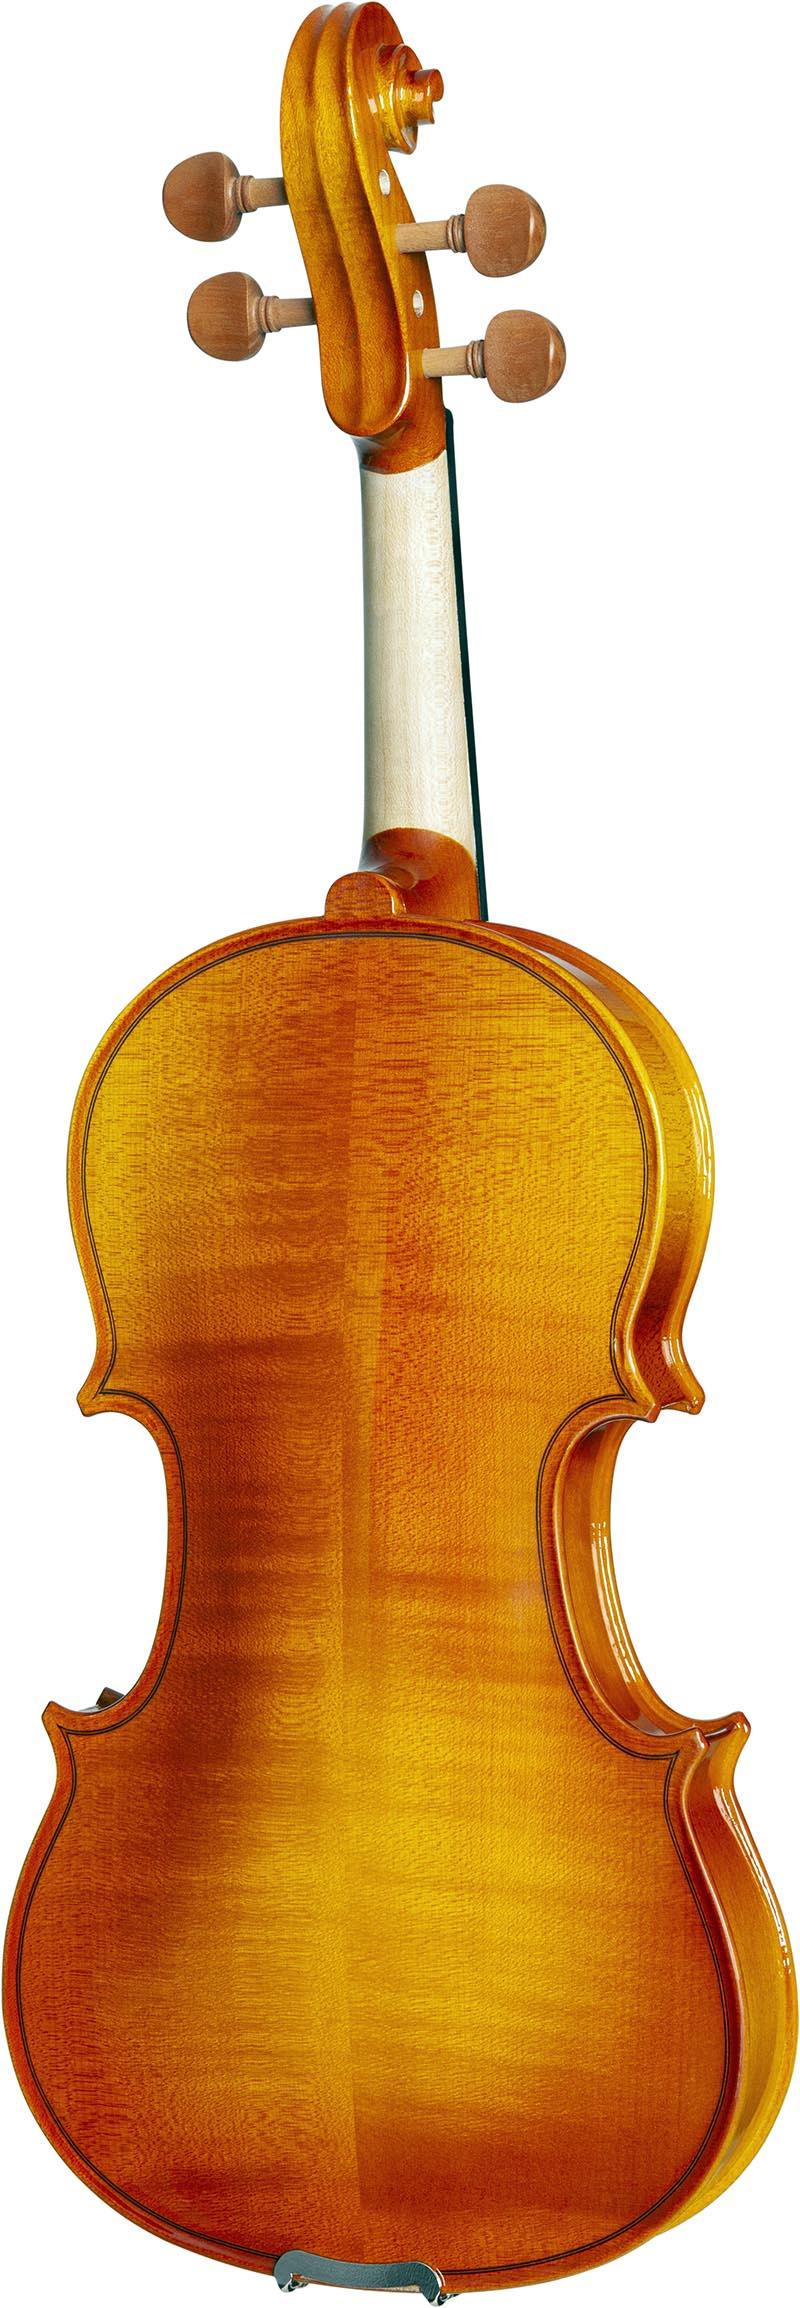 ve443 violino eagle ve443 visao posterior vertical